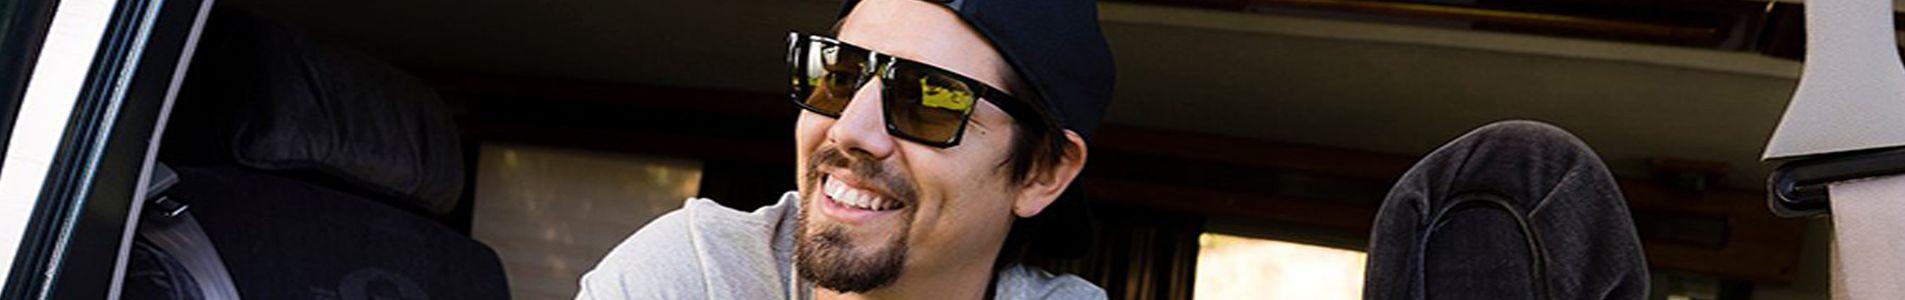 Men's Sunglasses by Nike Header